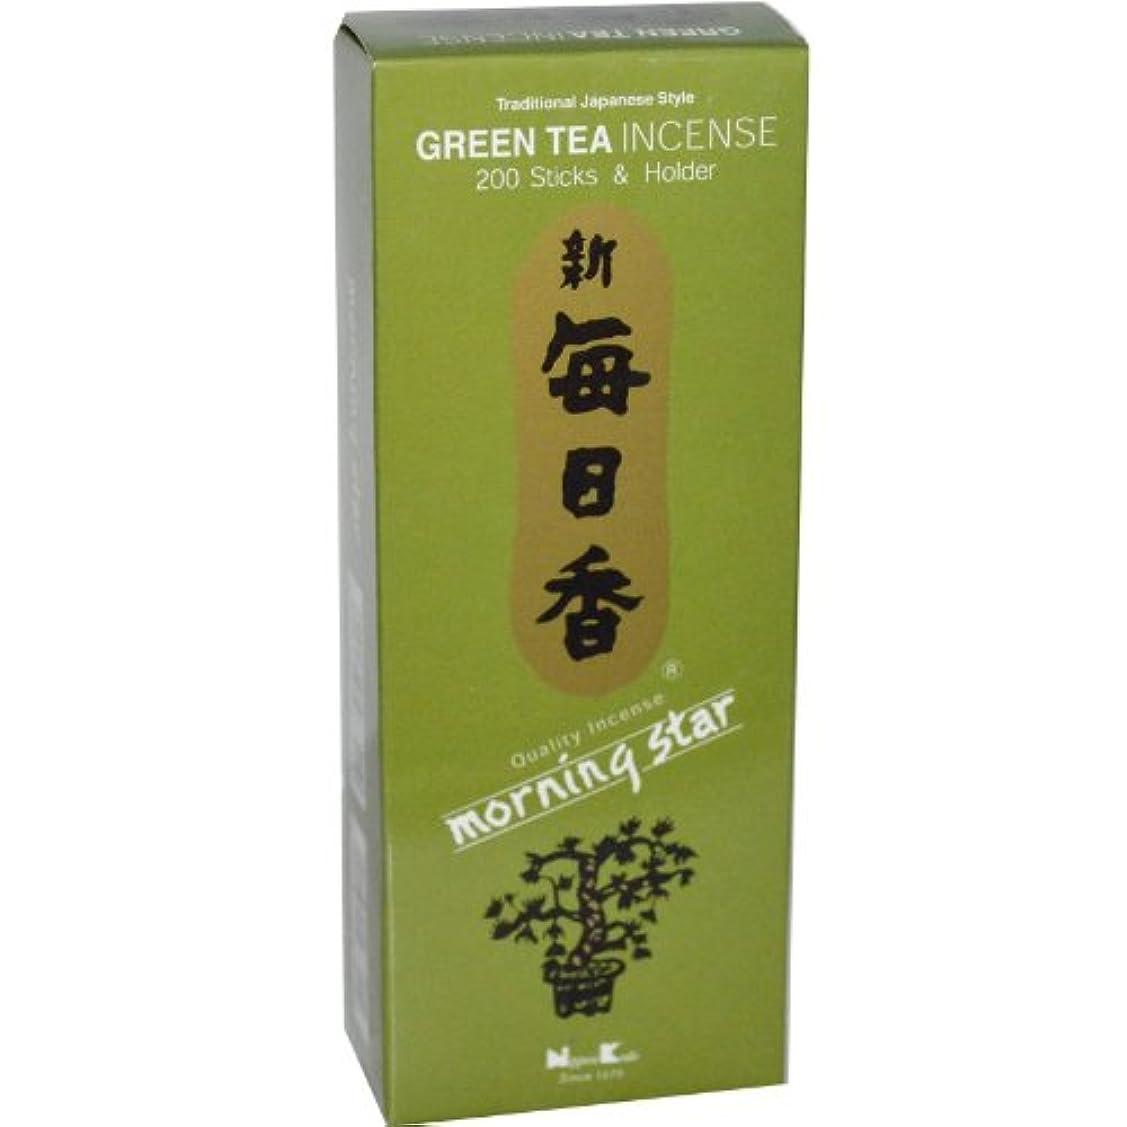 購入頬骨線形Nippon Kodo, Morning Star, Green Tea Incense, 200 Sticks & Holder